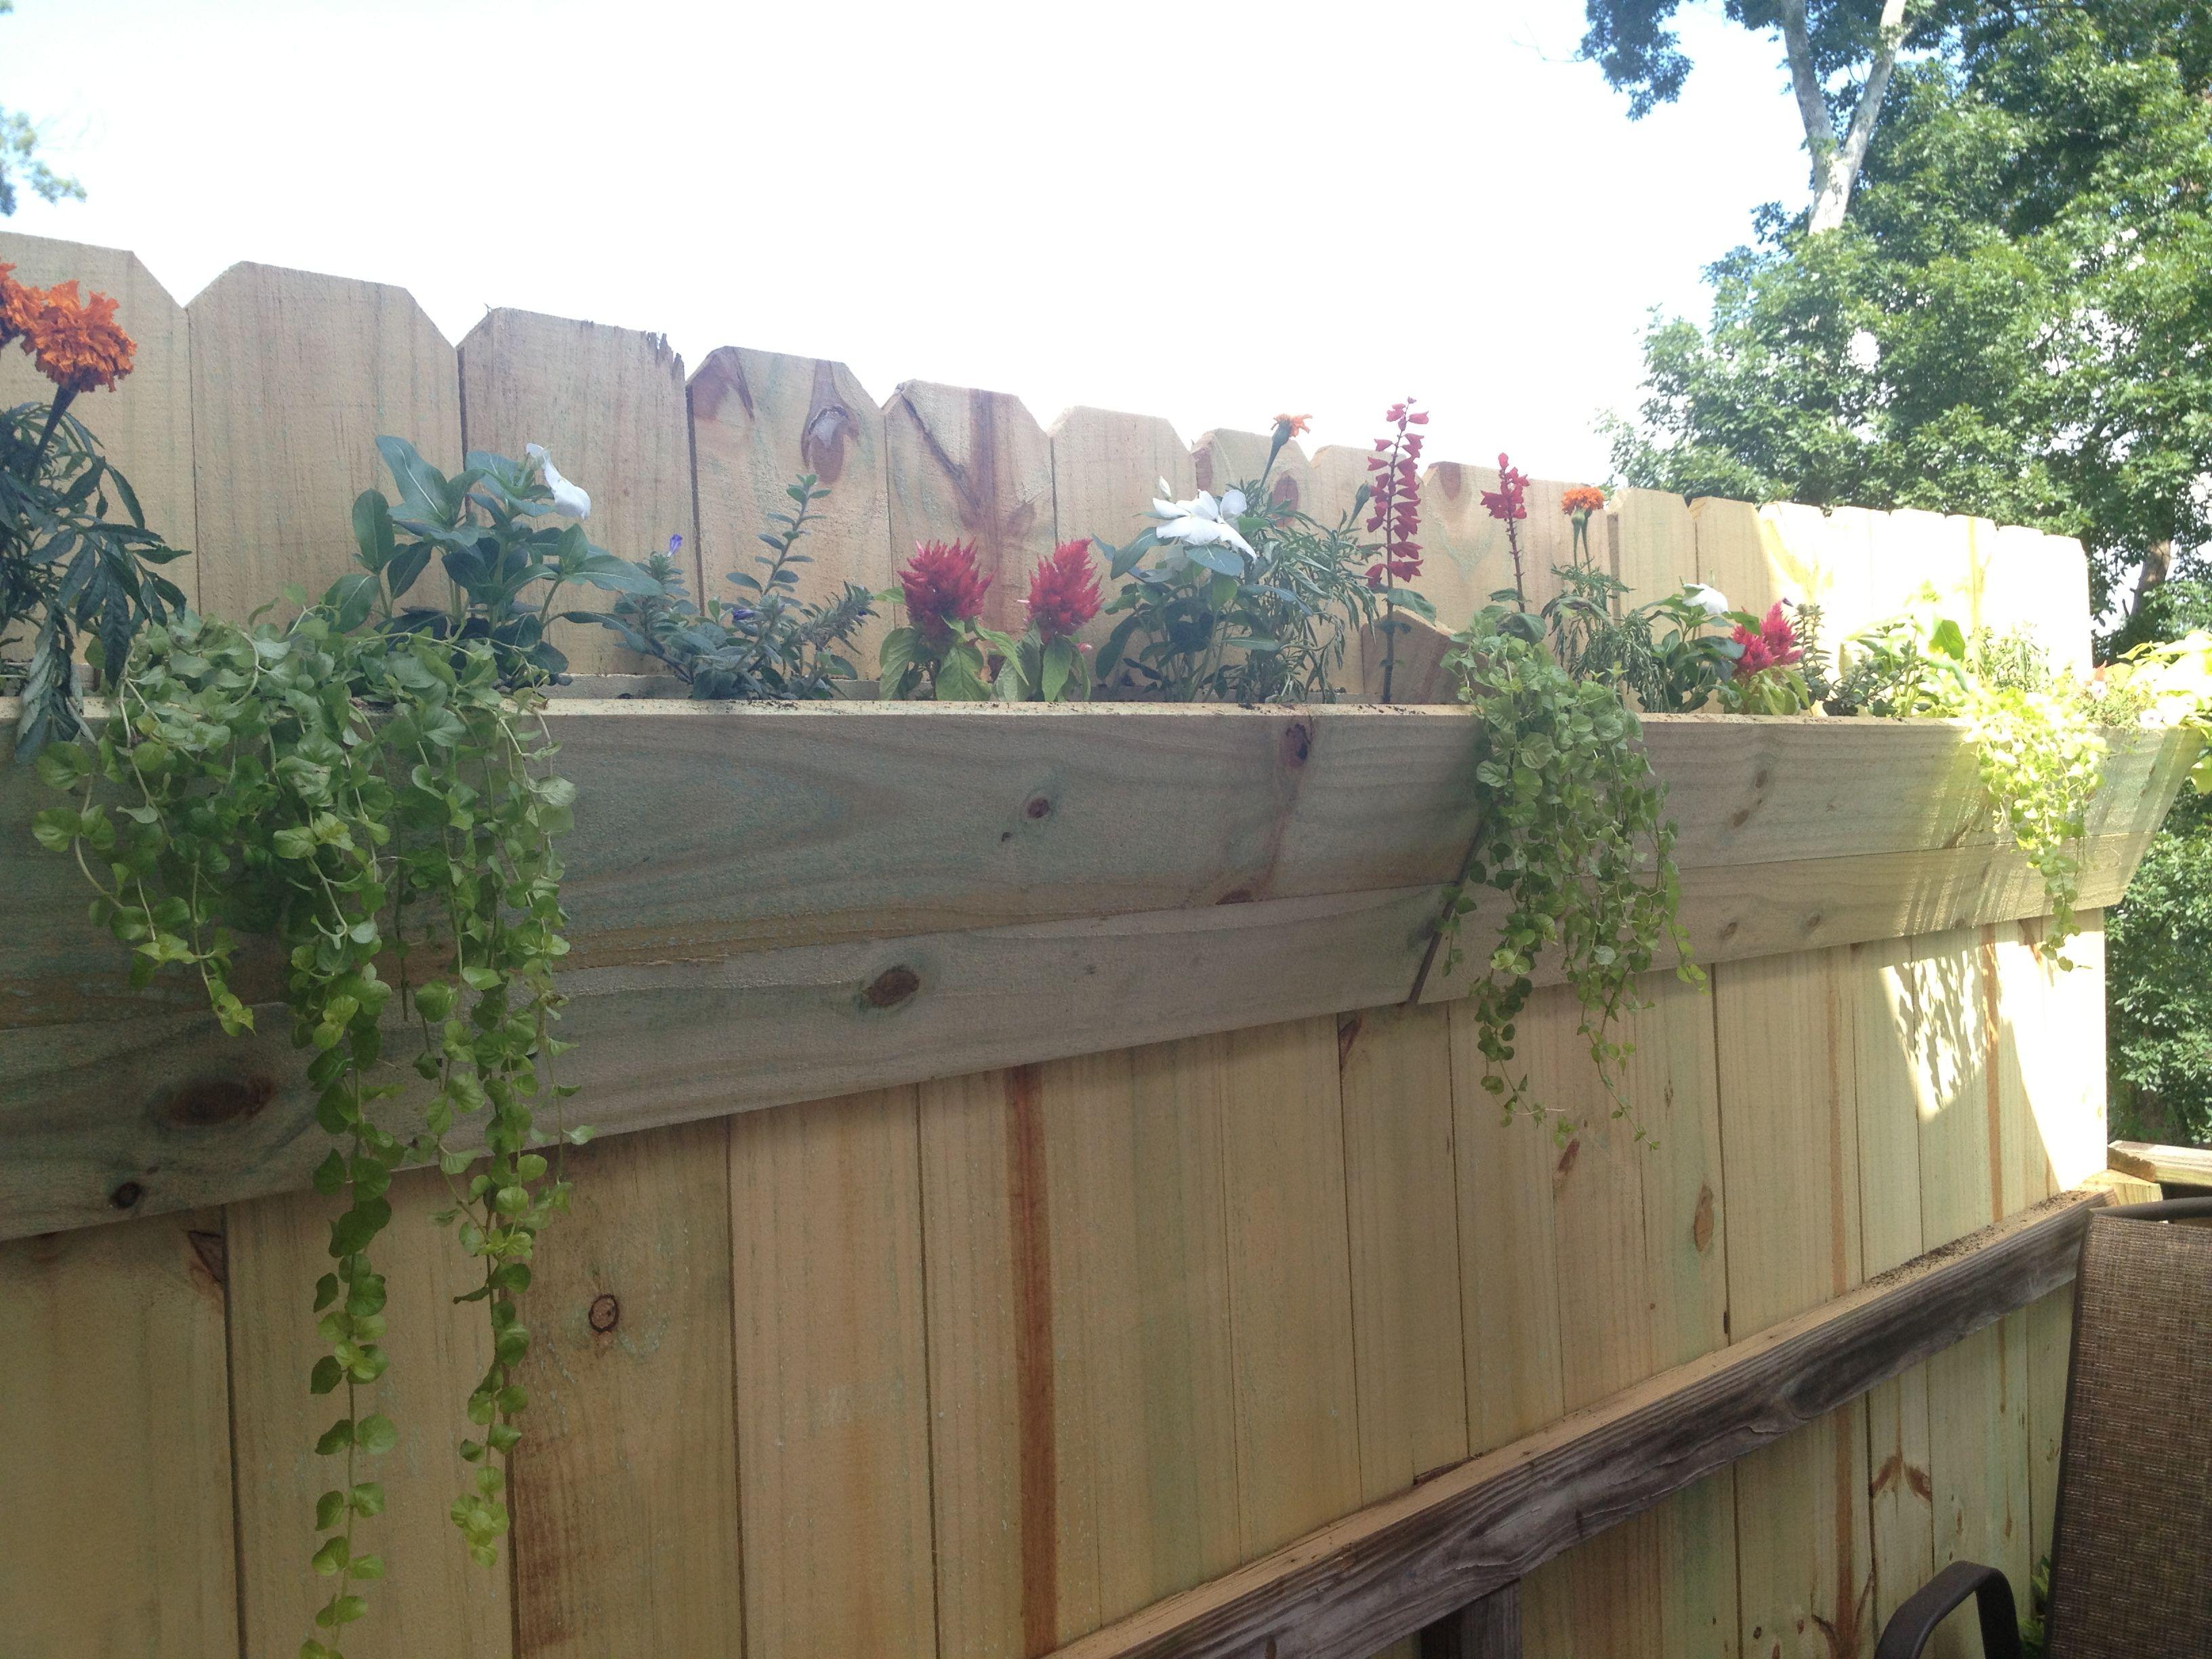 Fence planter on back deck